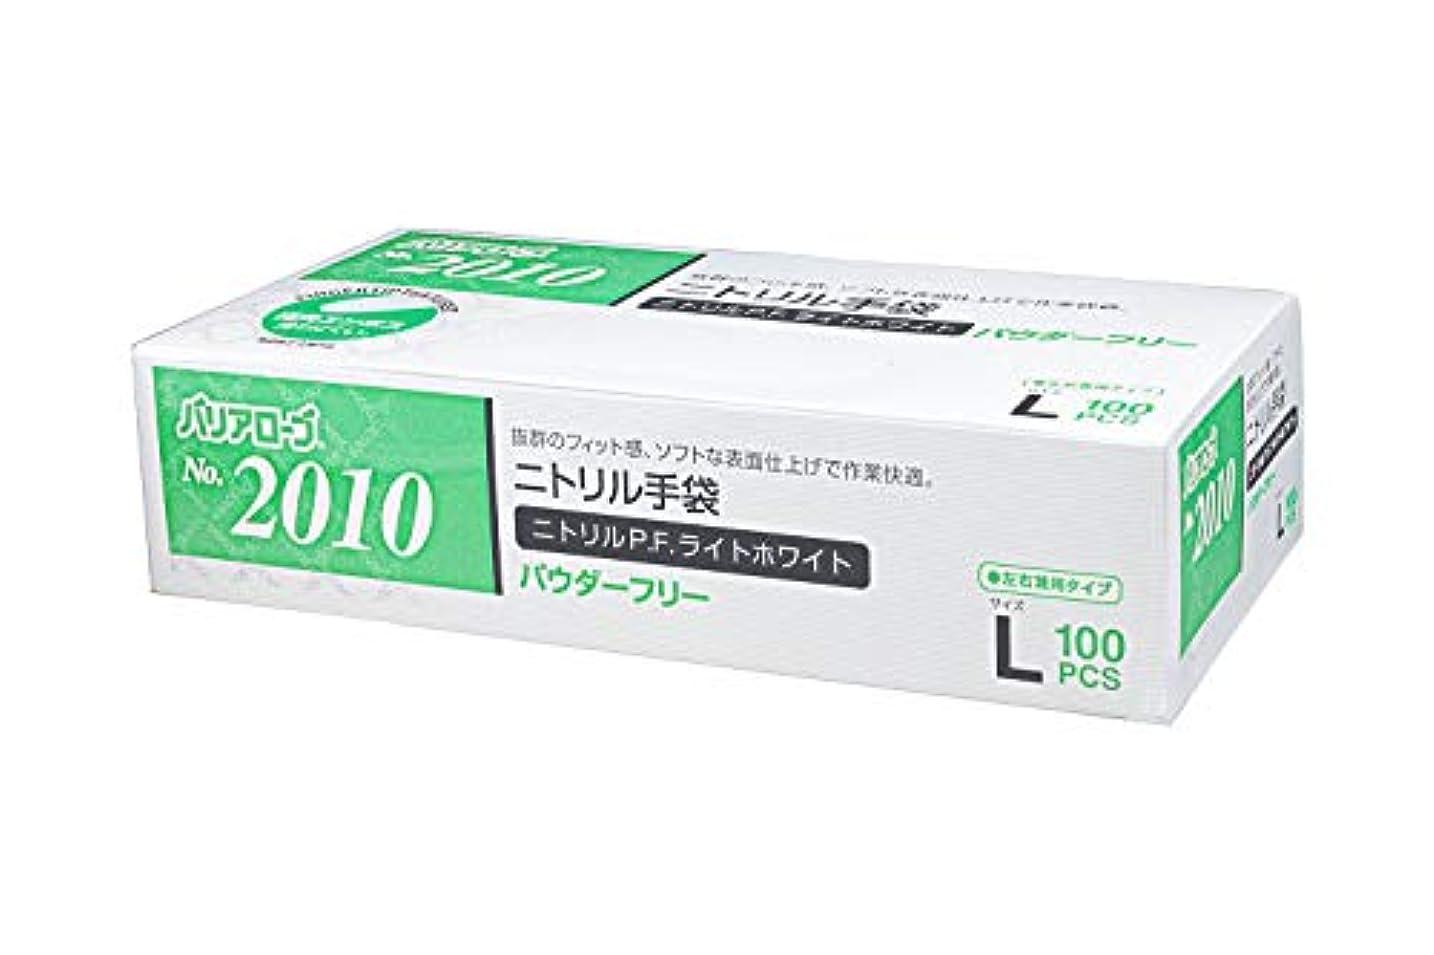 肘掛け椅子反抗偽【ケース販売】 バリアローブ №2010 ニトリルP.F.ライト ホワイト (パウダーフリー) L 2000枚(100枚×20箱)